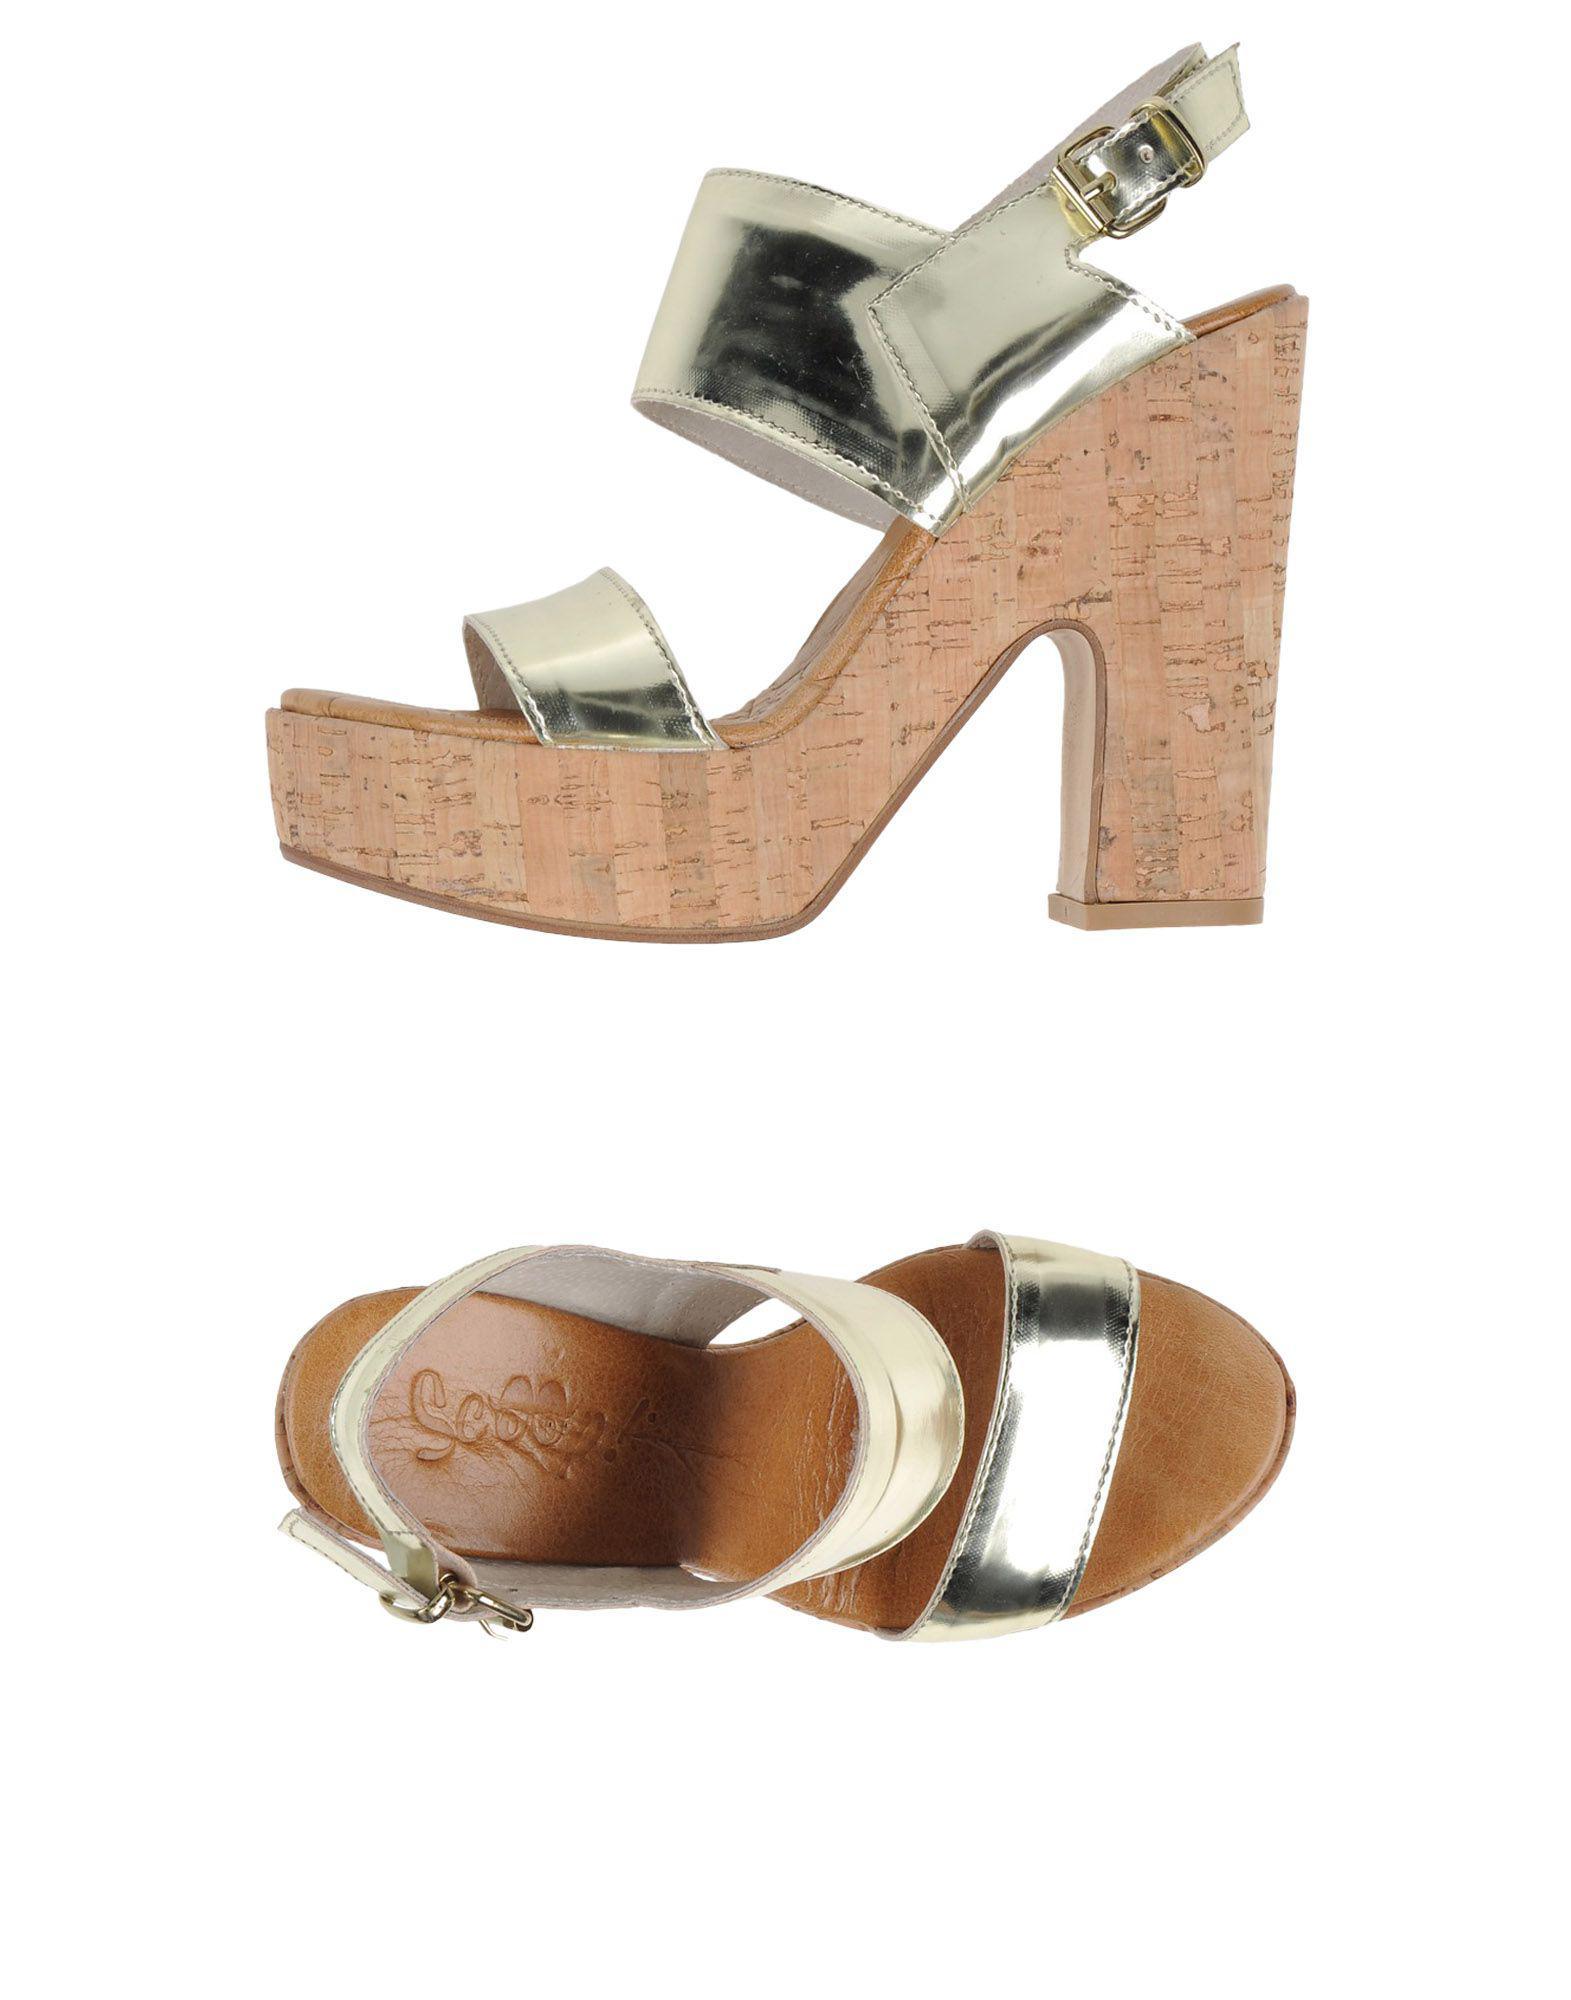 FOOTWEAR - Sandals Scoop! 2gJ7Kv